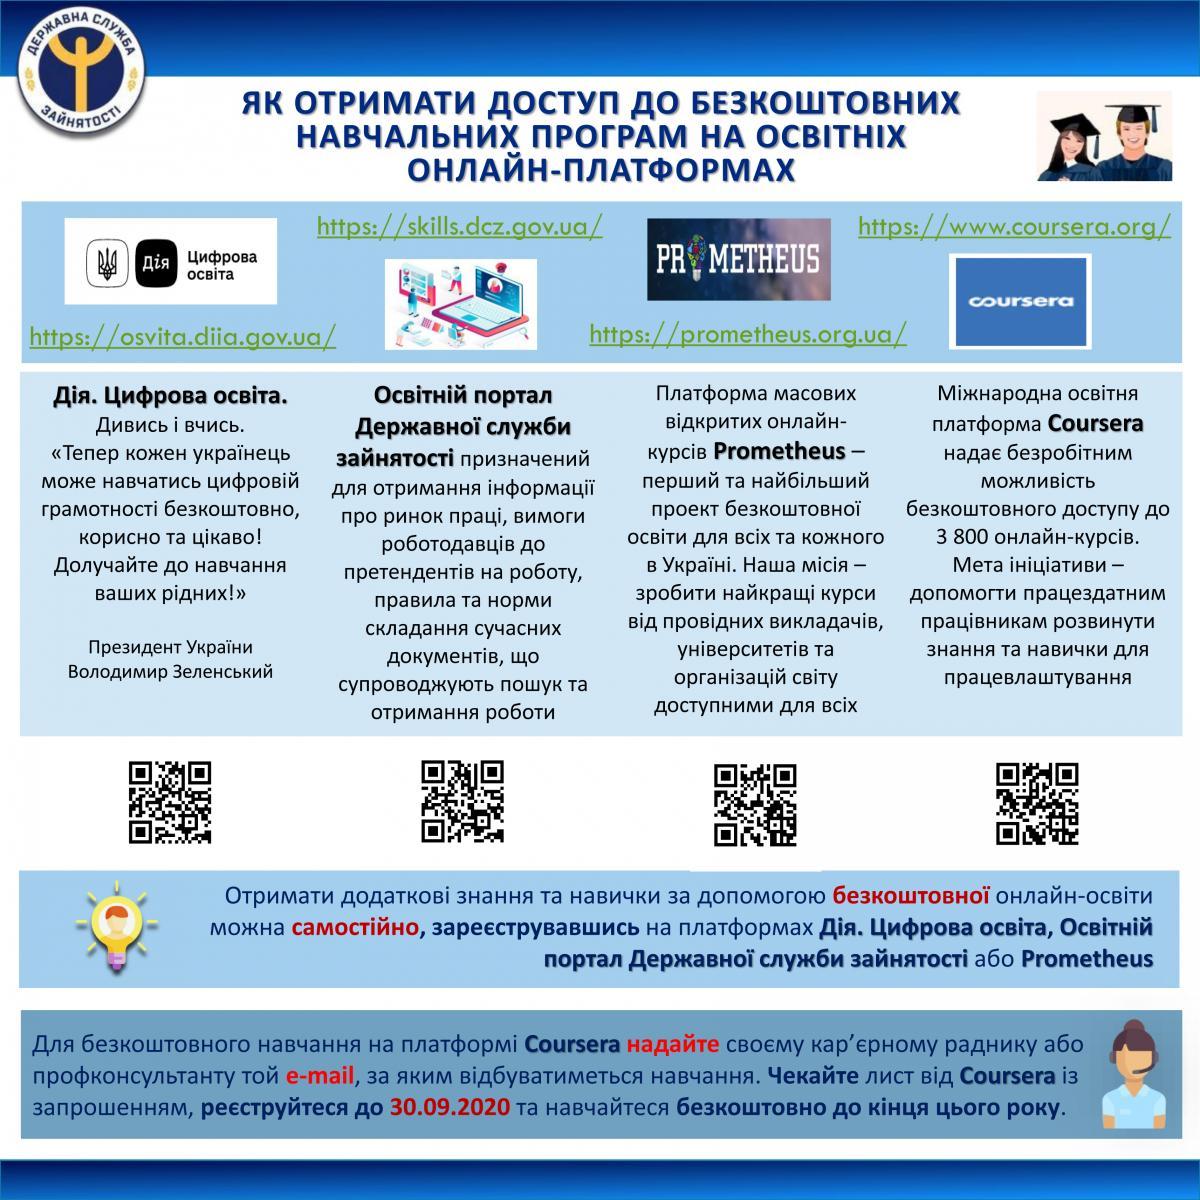 Дистанційно і безкоштовно: безробітні Кіровоградщини можуть розвивати власні навички за програмами кращих університетів та компаній світу